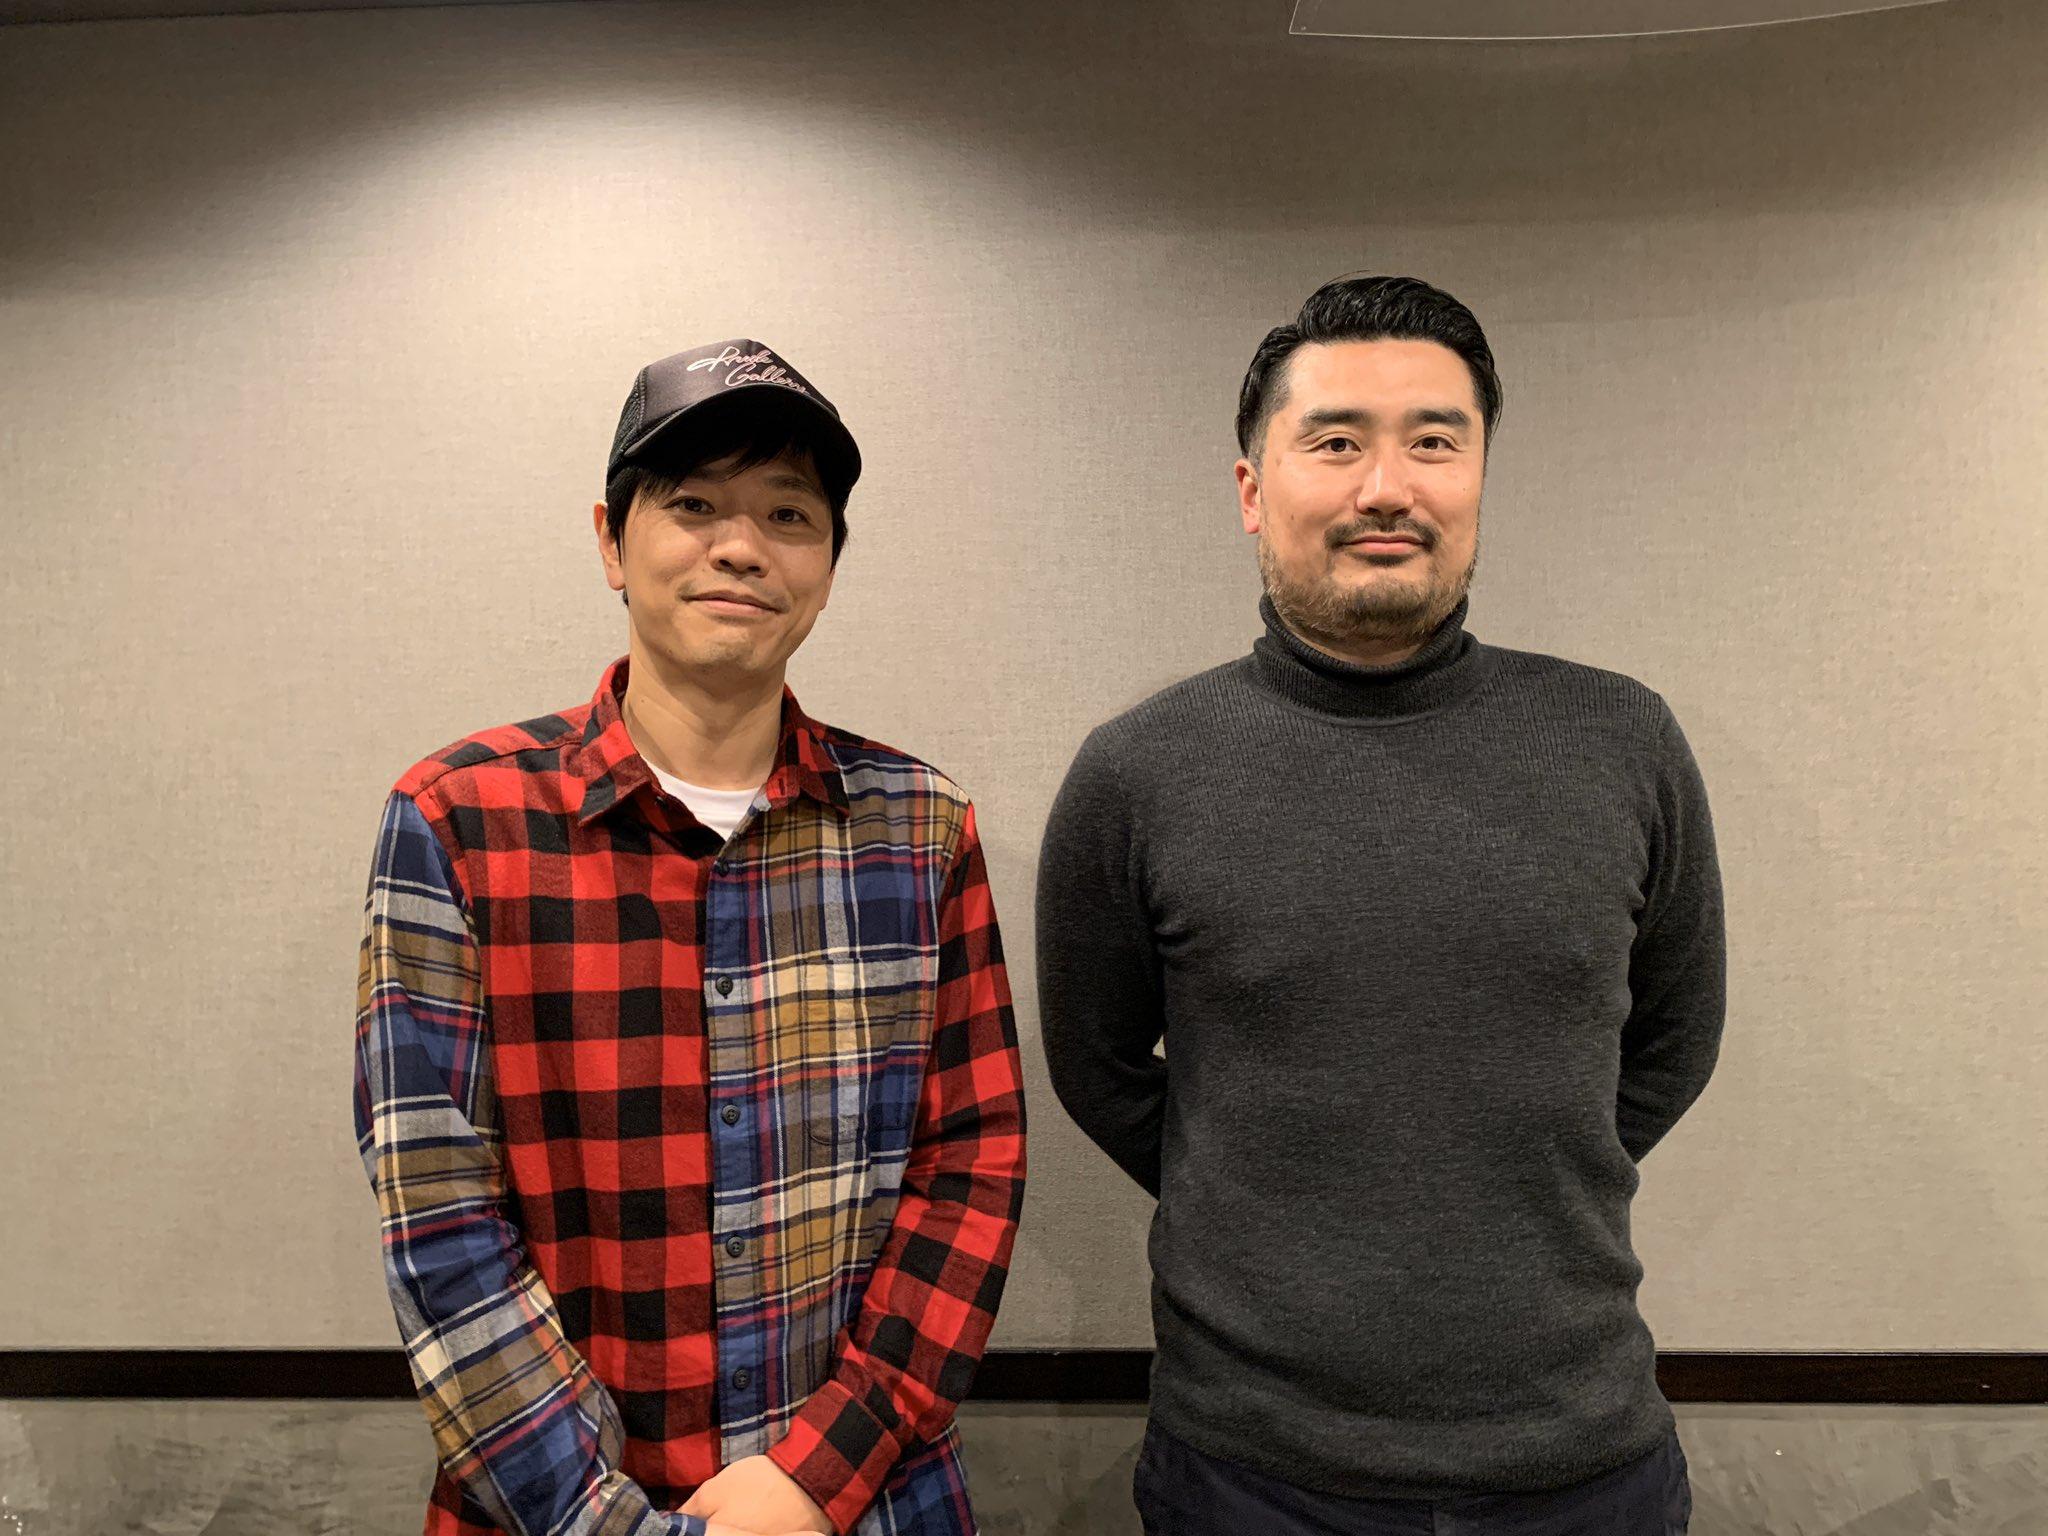 リスナーに「さまざまな視点」を共有! 藤田琢己&中道大輔の新番組がスタート